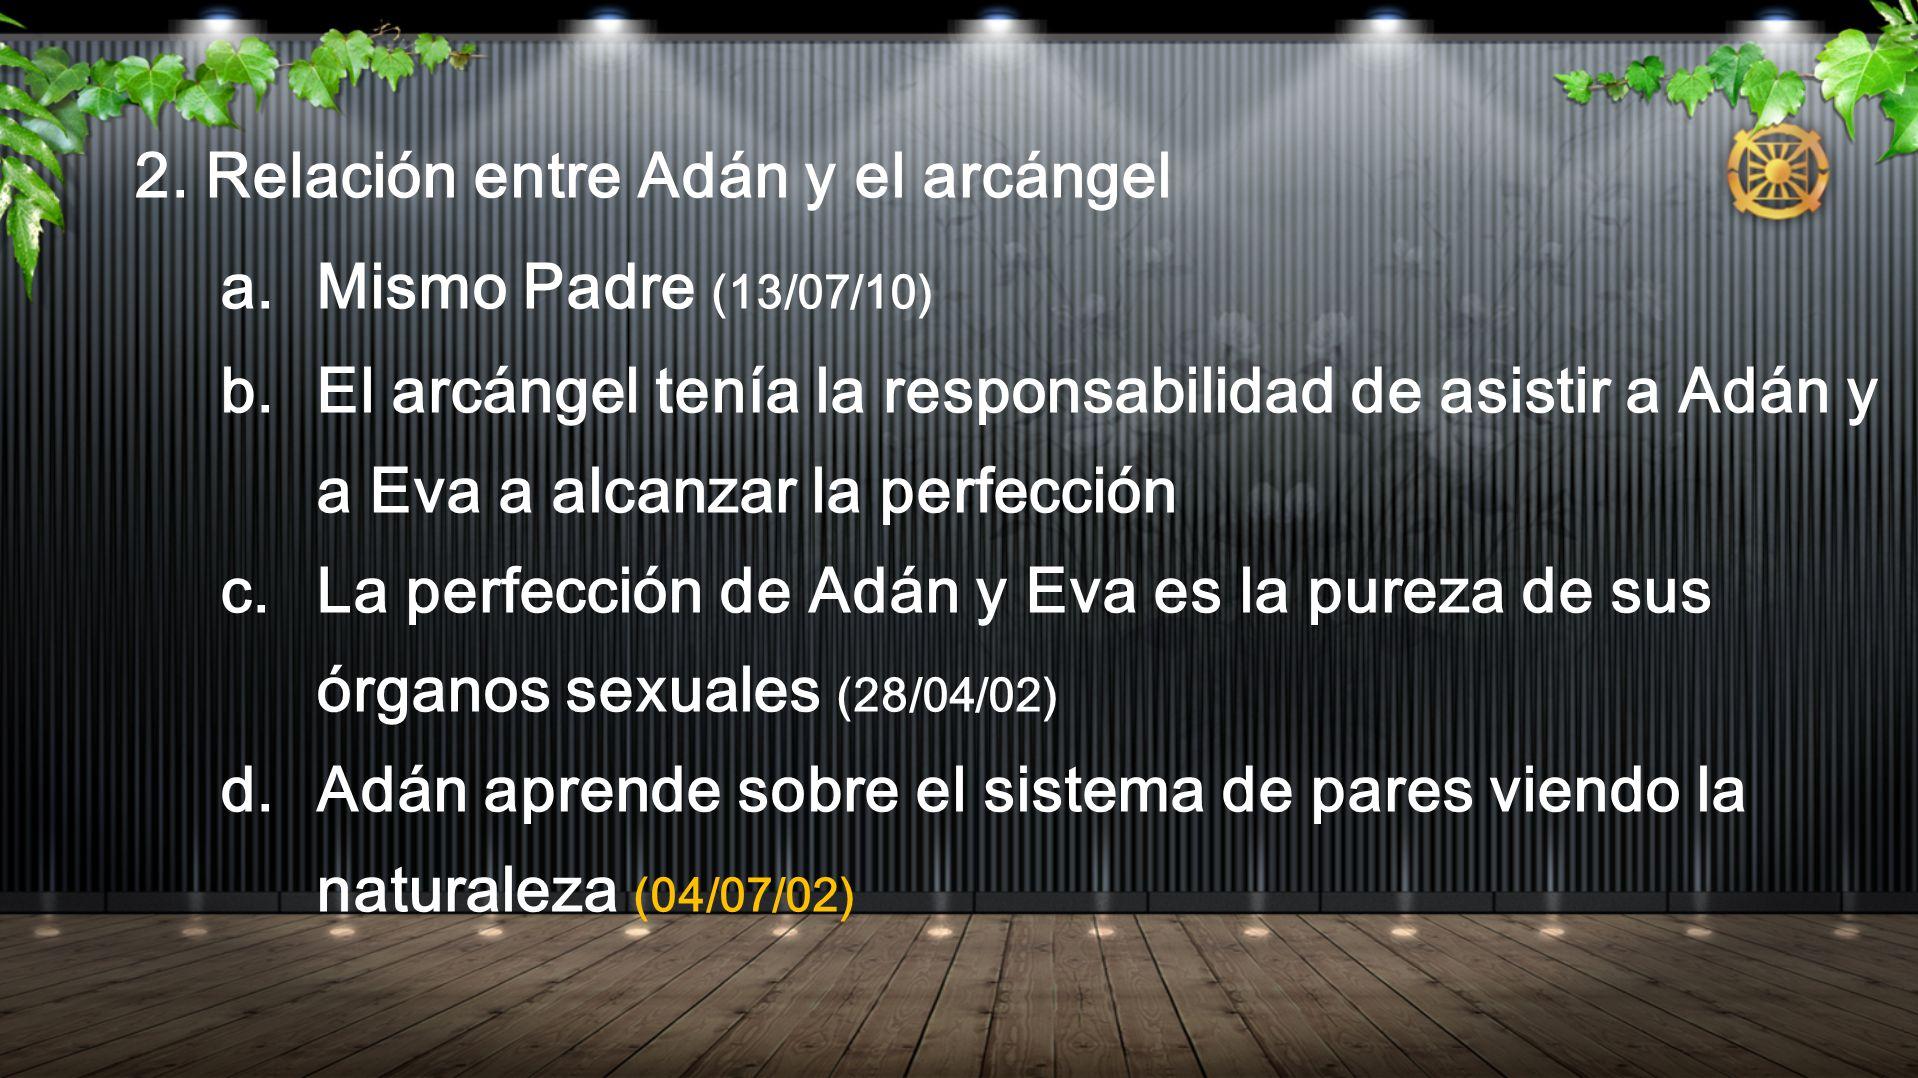 2. Relación entre Adán y el arcángel a. Mismo Padre (13/07/10) b. El arcángel tenía la responsabilidad de asistir a Adán y a Eva a alcanzar la perfecc